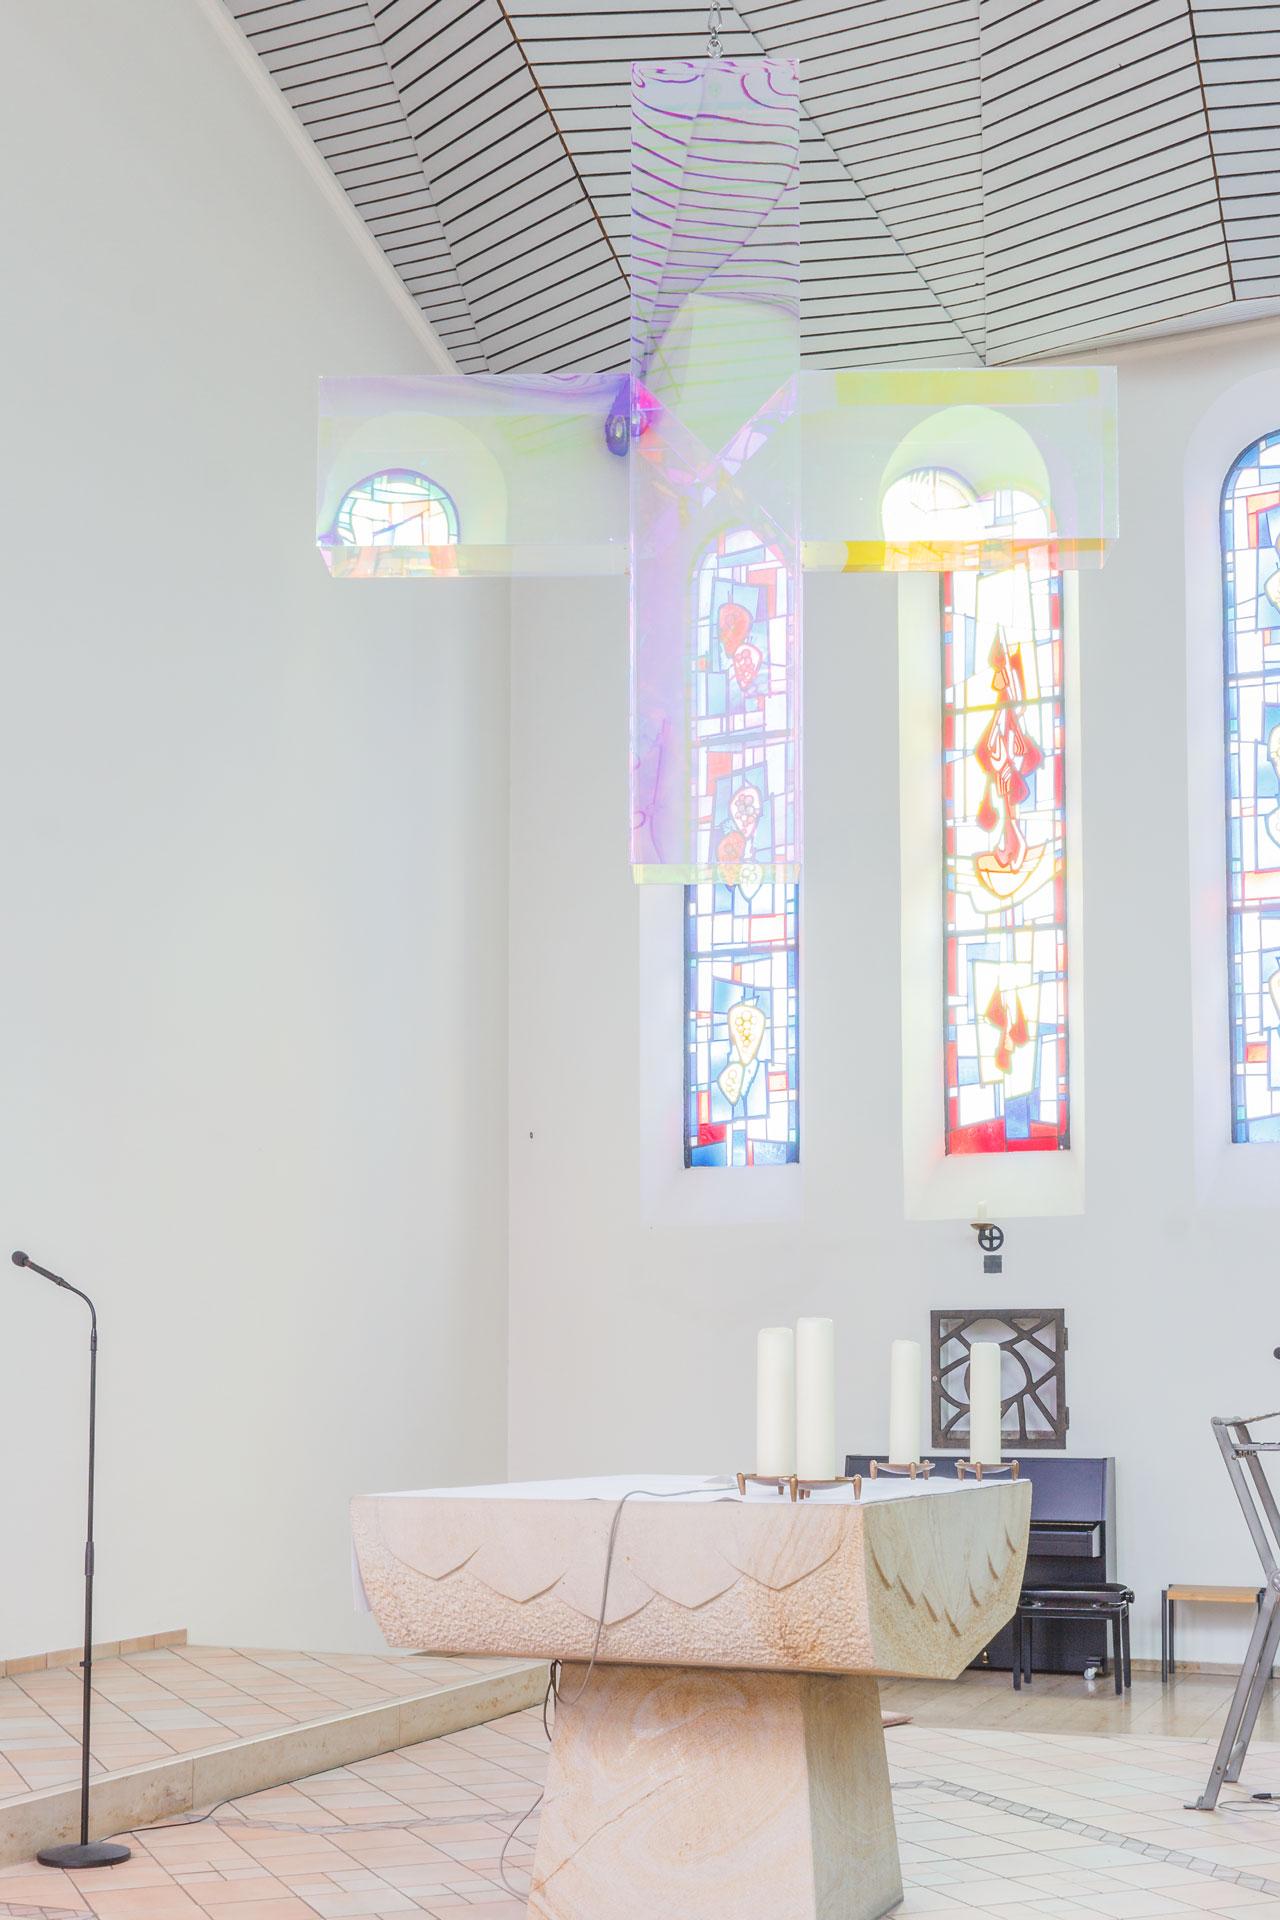 Farbkonzept und Neugestaltung der Kath. Pfarrkirche St. Patrokli, Dortmund-Kirchhörde